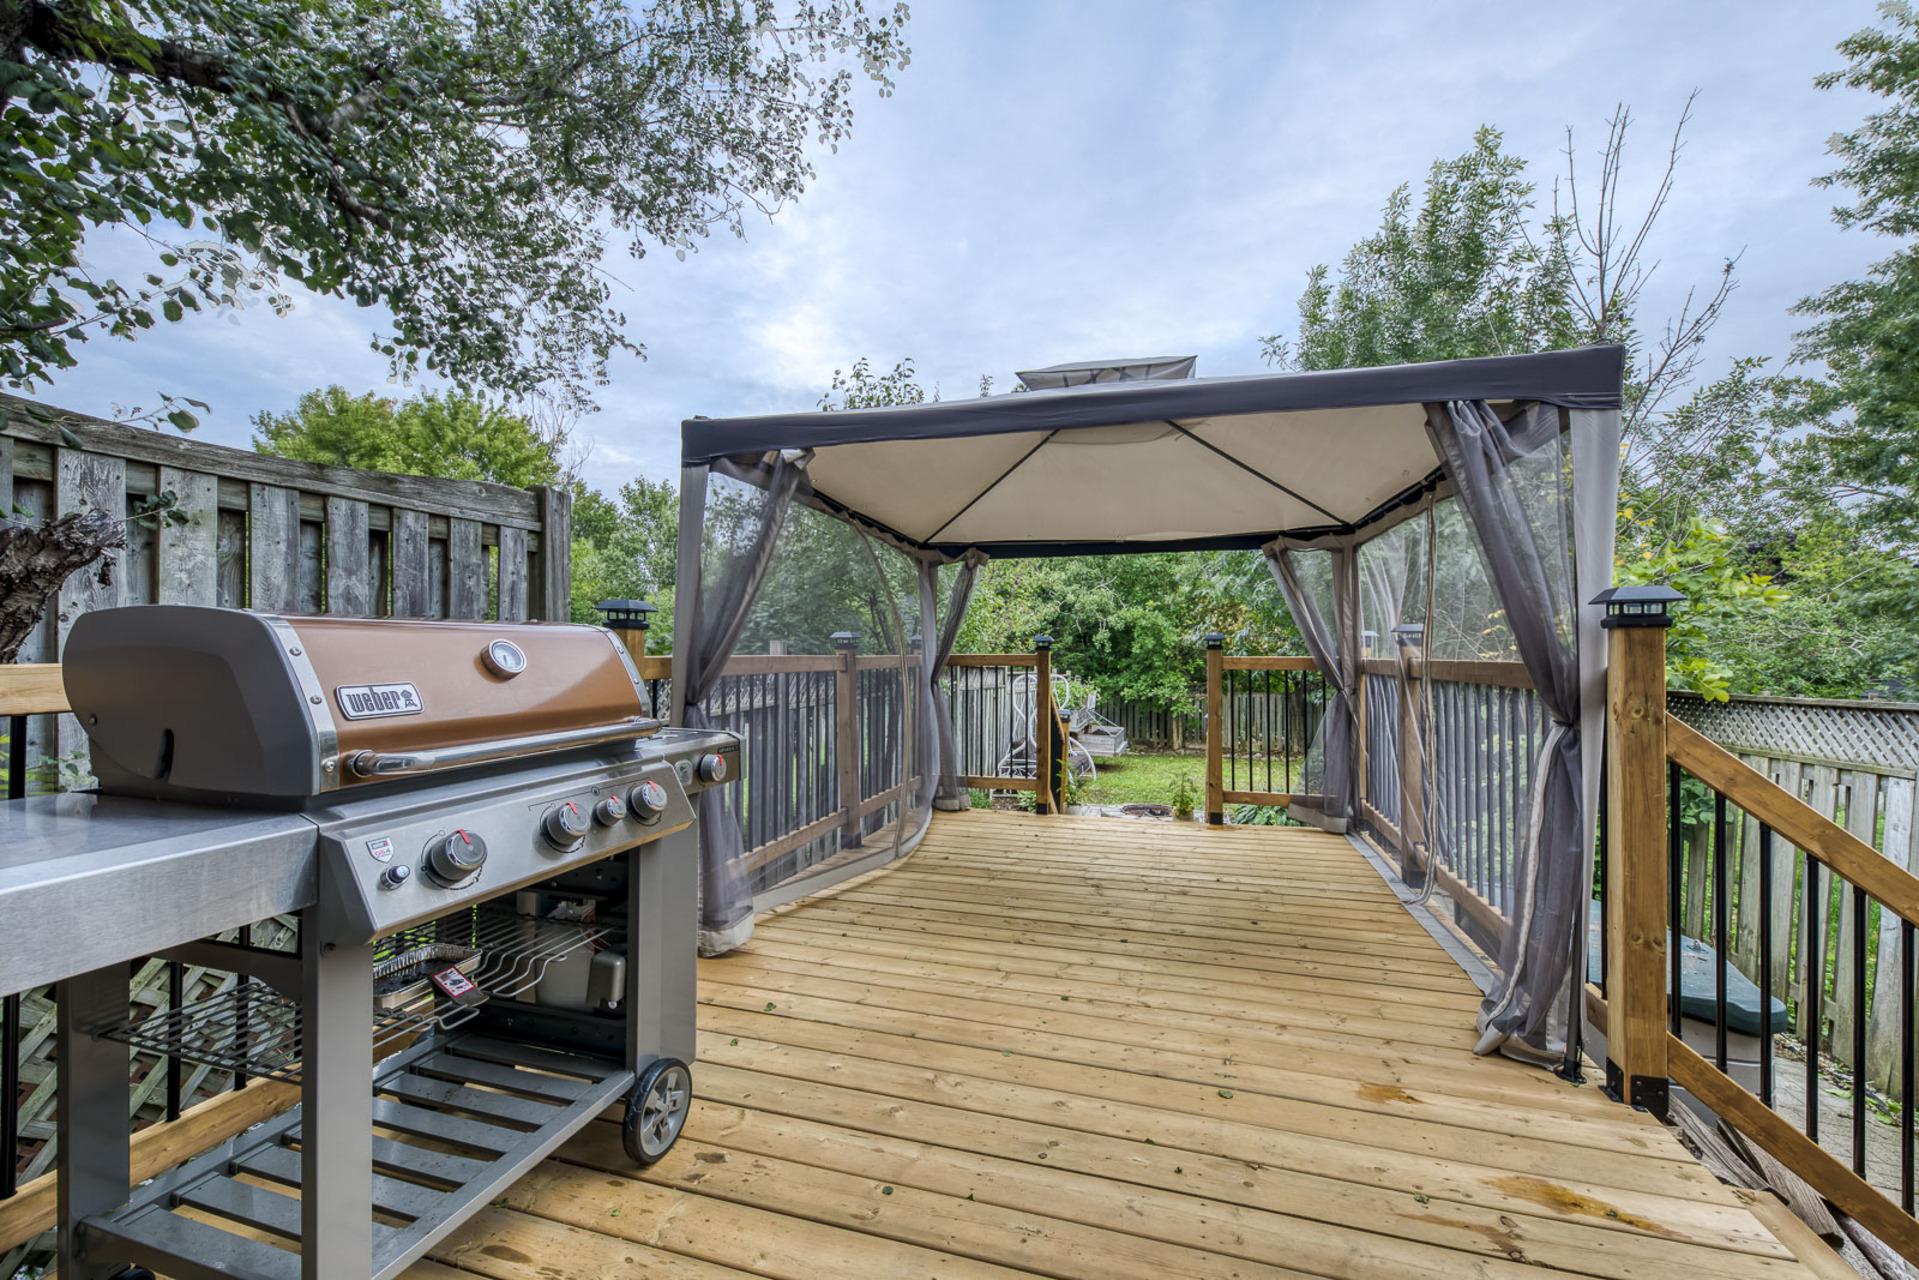 Backyard - 2407 Stefi Tr, Oakville - Elite3 & Team at 2407 Stefi Trail, River Oaks, Oakville